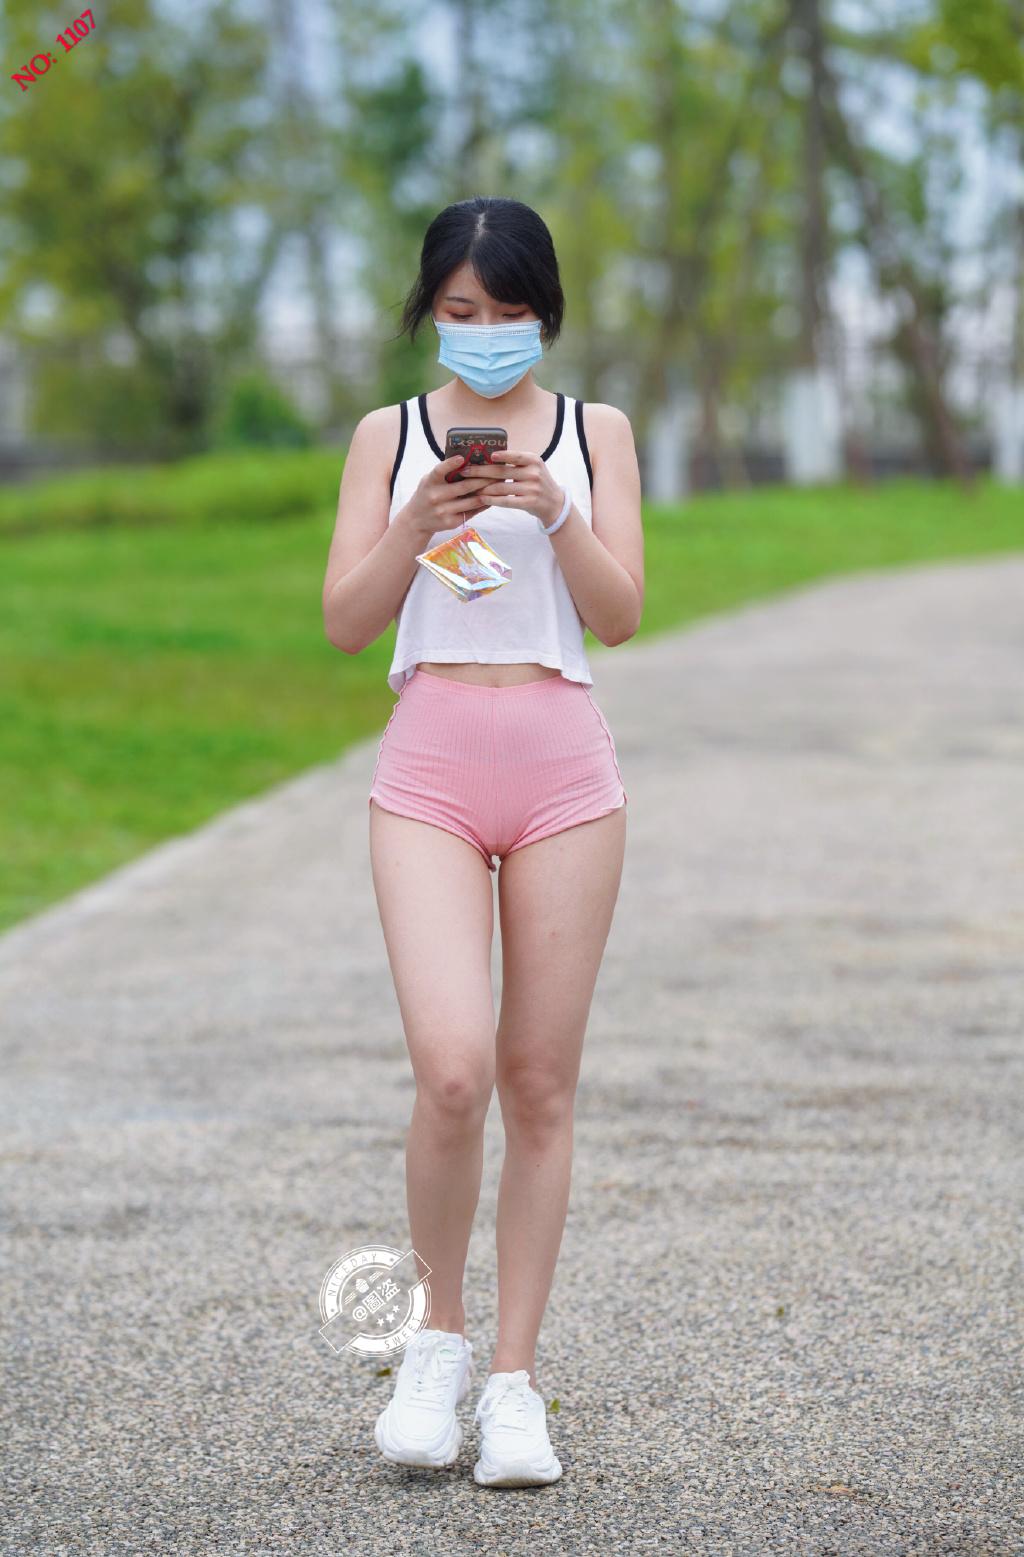 这连体式露背装特别漂亮 网络美女 第1张